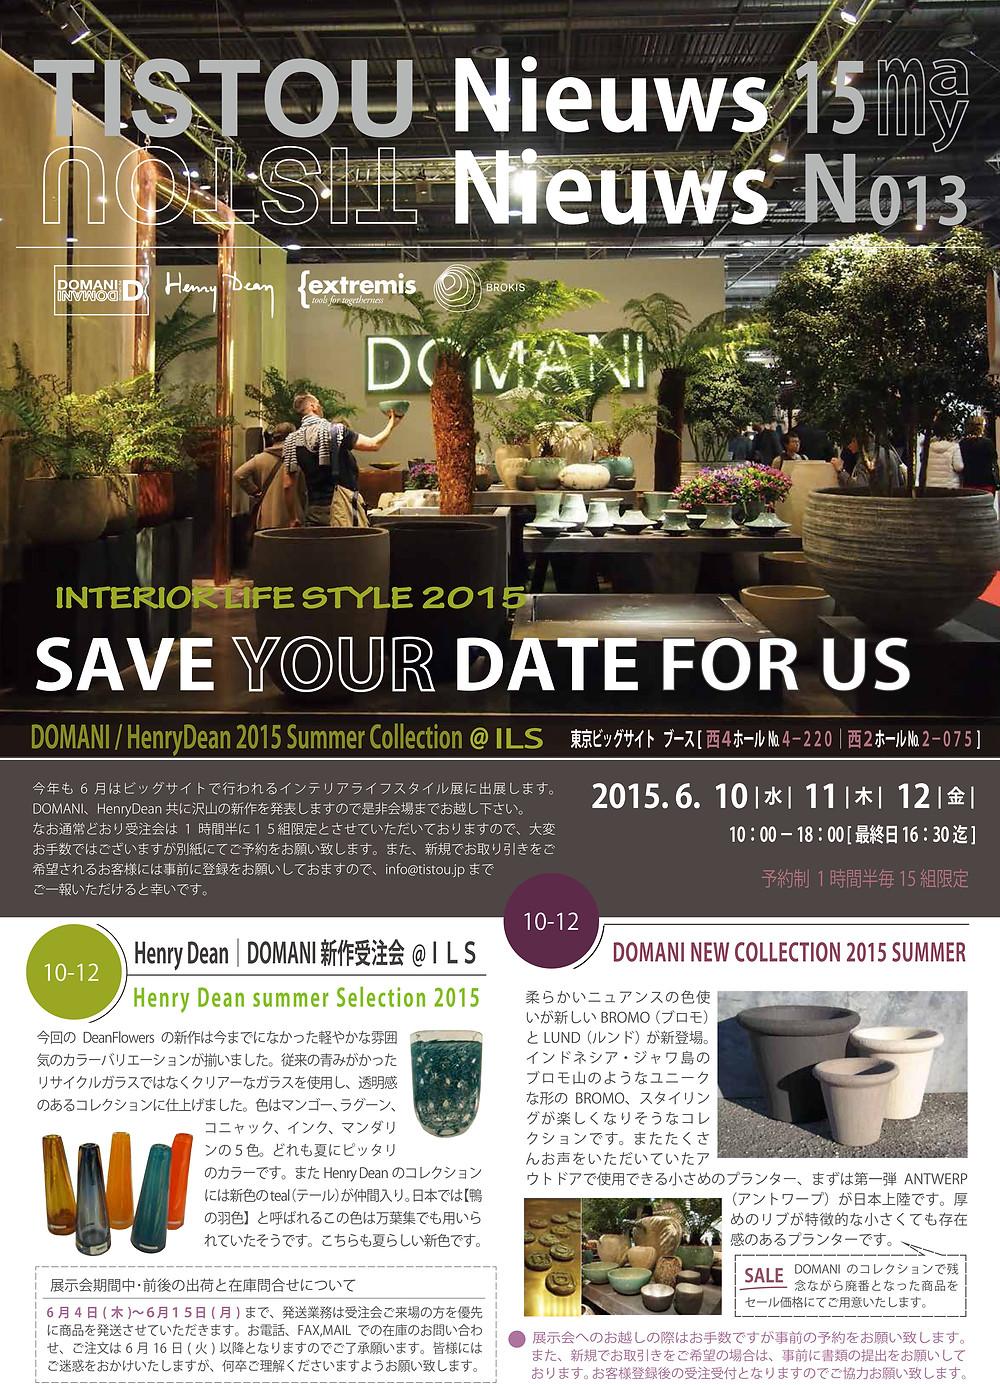 Nieuws013_表.jpg